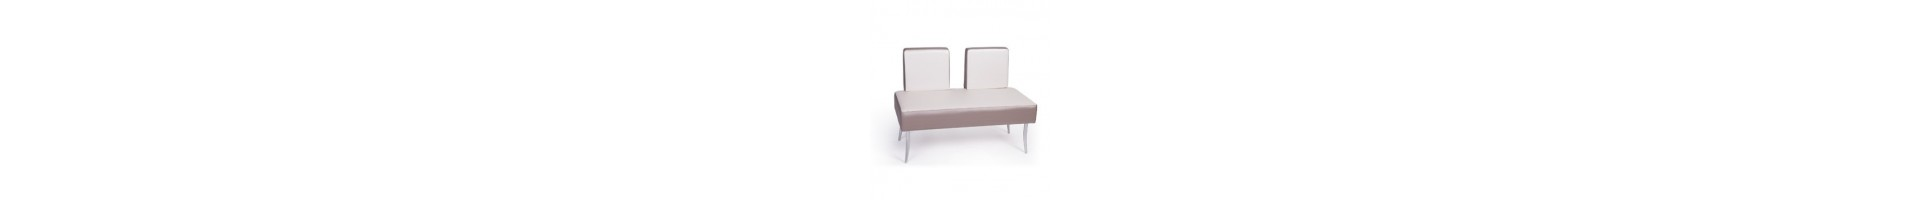 Mobiliario para zonas de espera en barberías - Sofas y sillones retro vintage para barberia